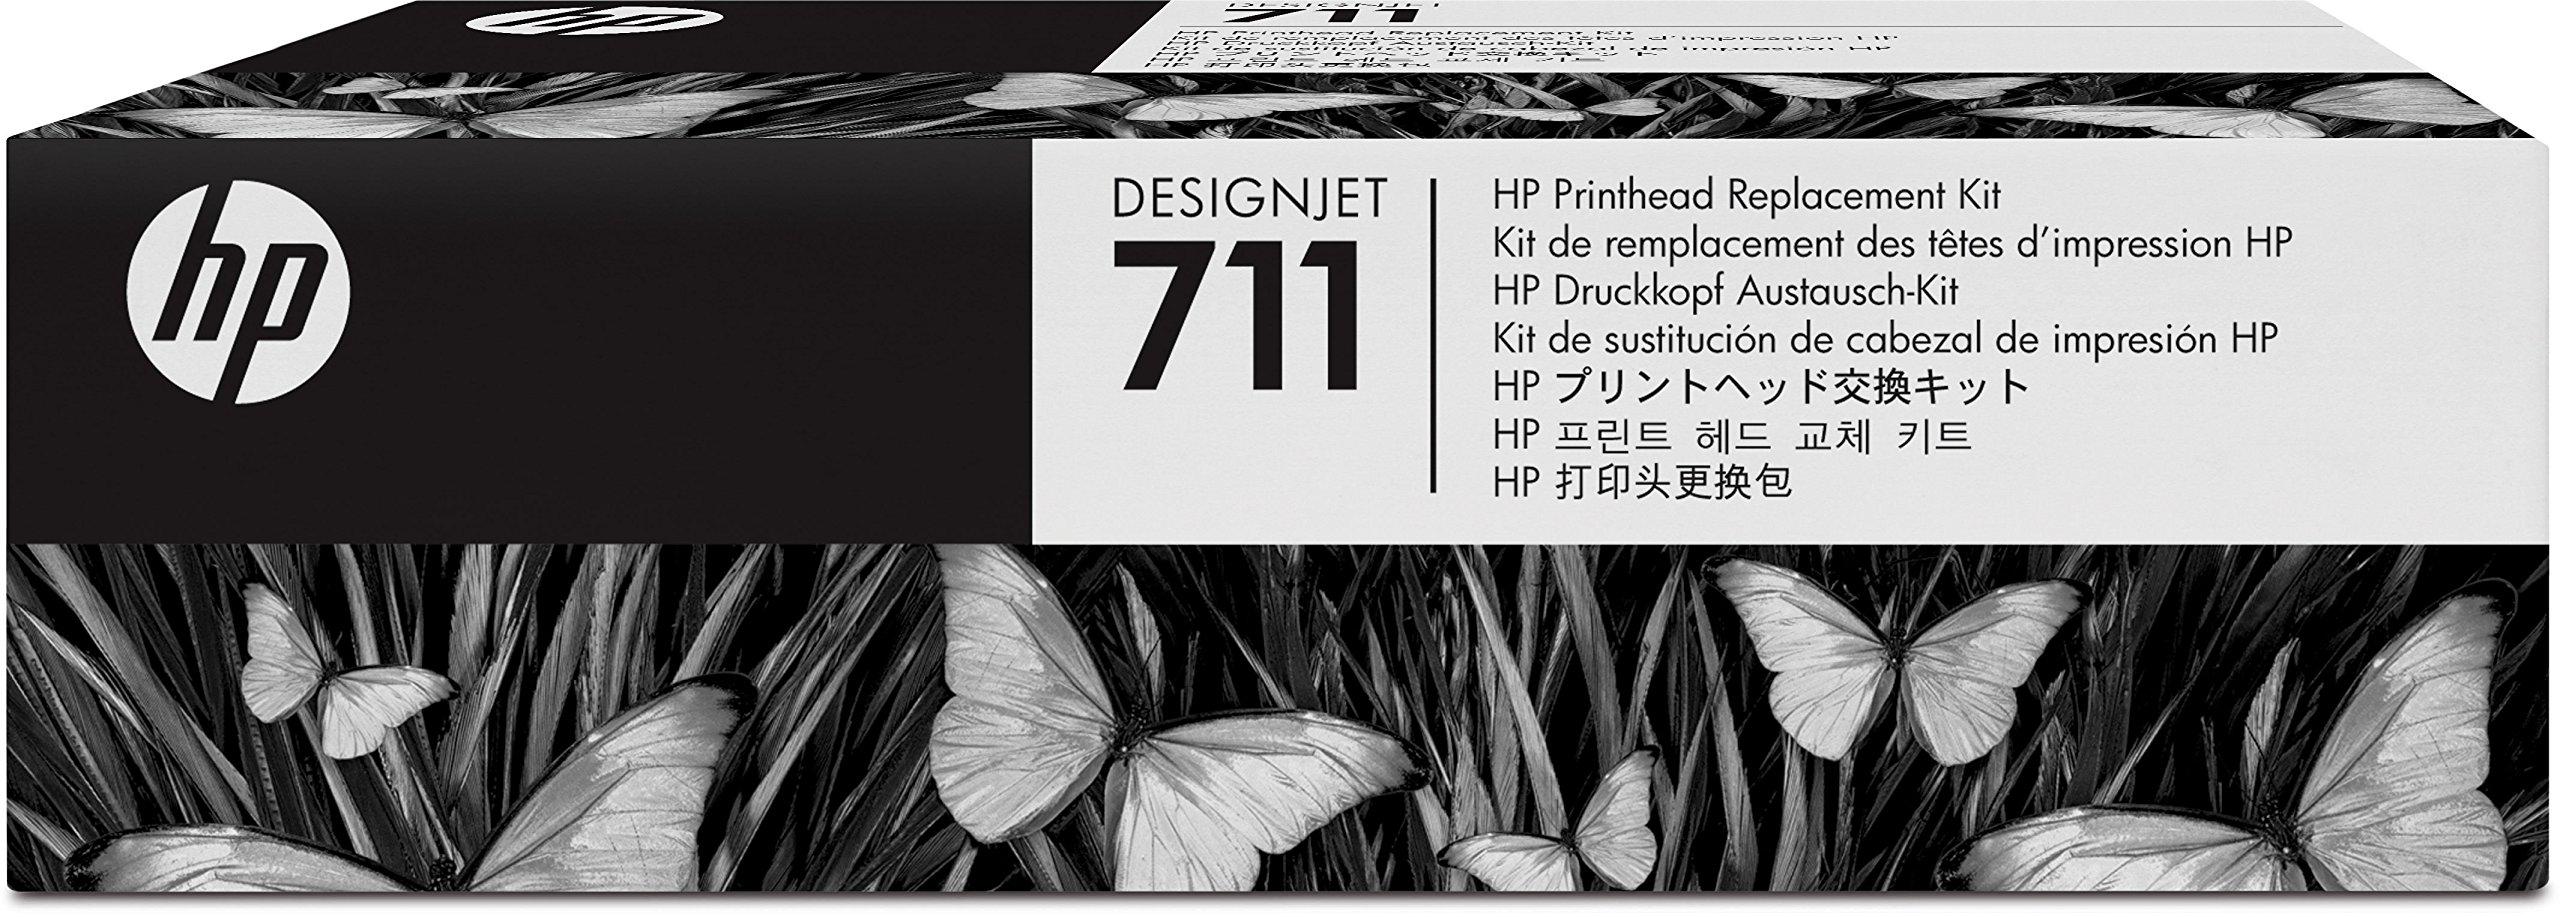 HP C1Q10A - Unidad de Transferencia de Impresora: Amazon.es: Oficina y papelería